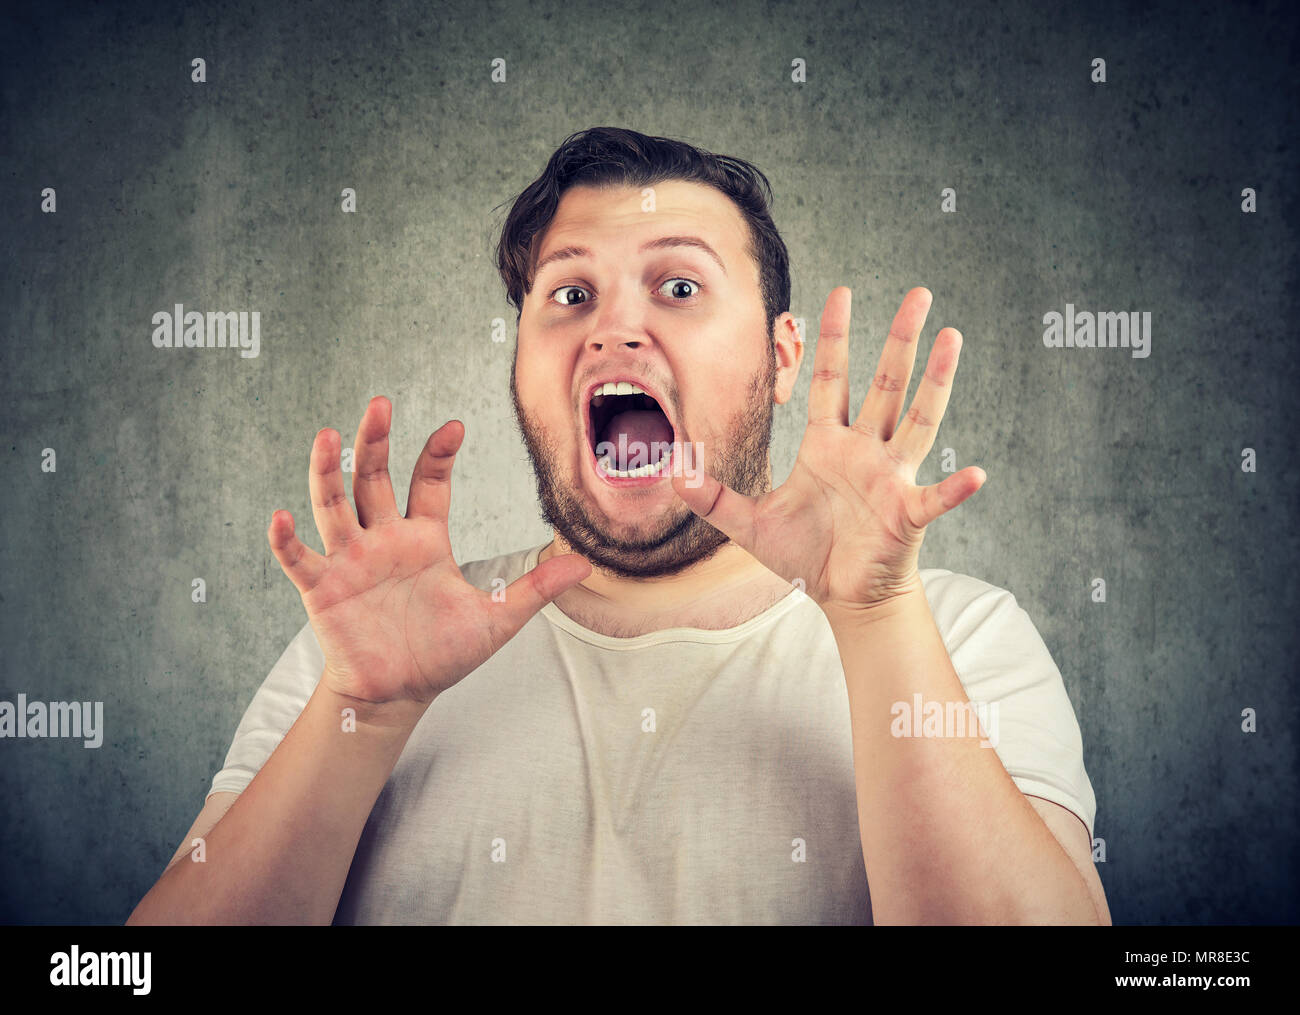 Chubby legerer Mann, Hände vor Gesicht und schrie mit Angst an Kamera suchen auf grauem Hintergrund. Stockbild